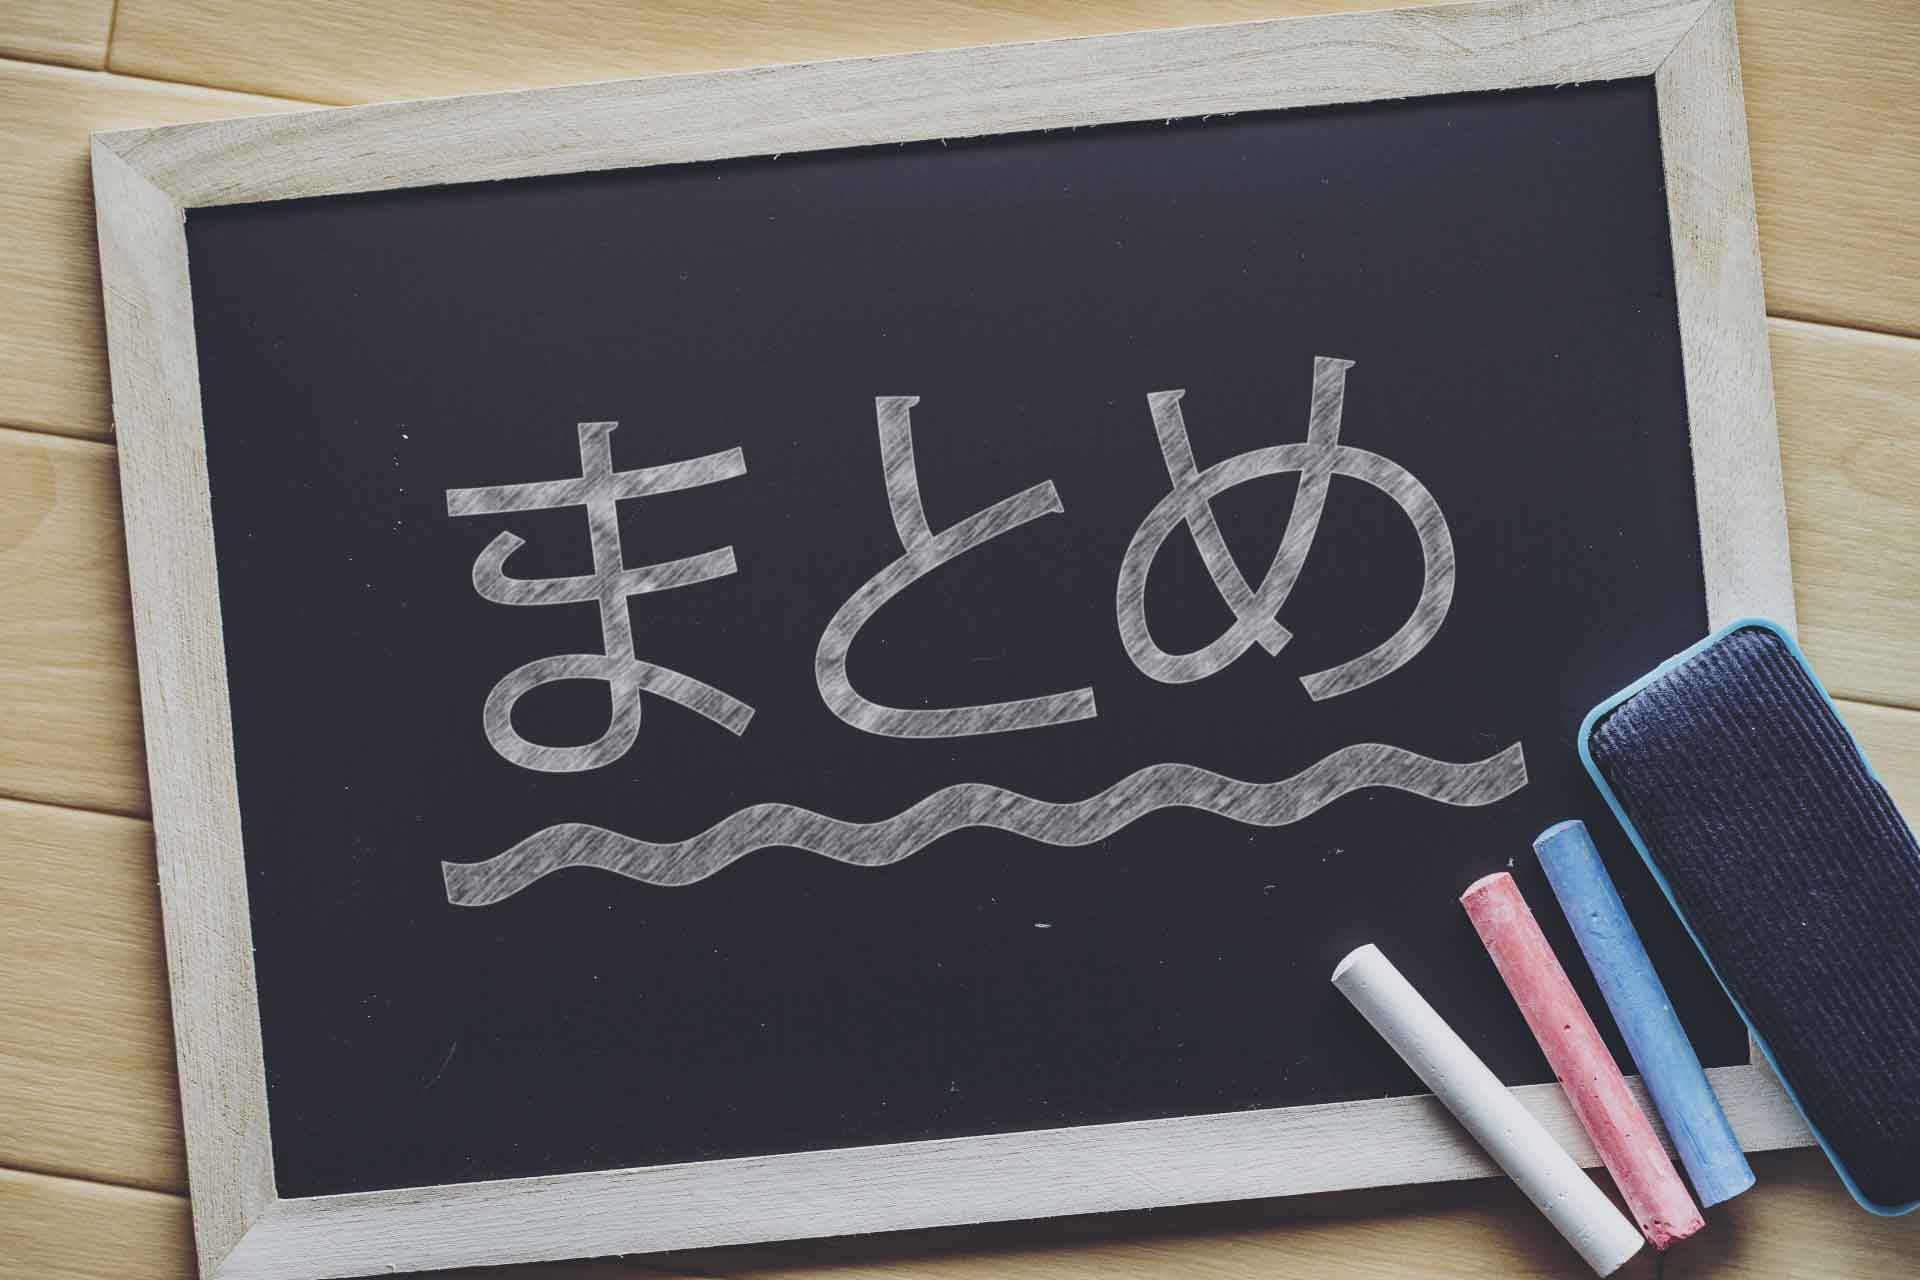 「まとめ」と書かれた黒板